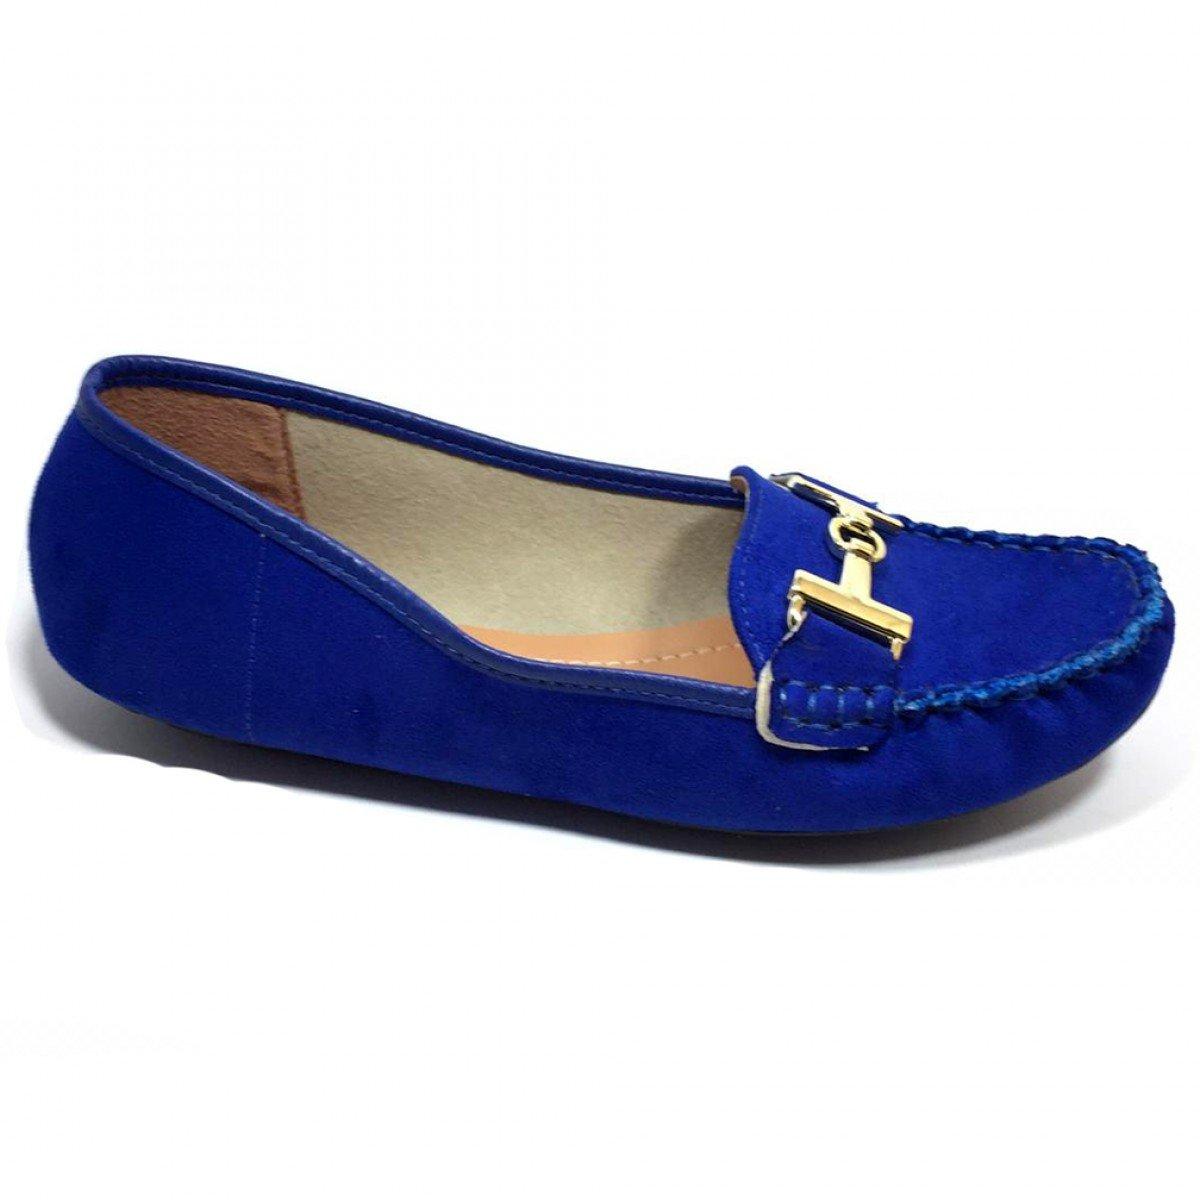 3e0da288b8 Mocassim Feminino Vizzano Camurça Flex Azul - Compre Agora